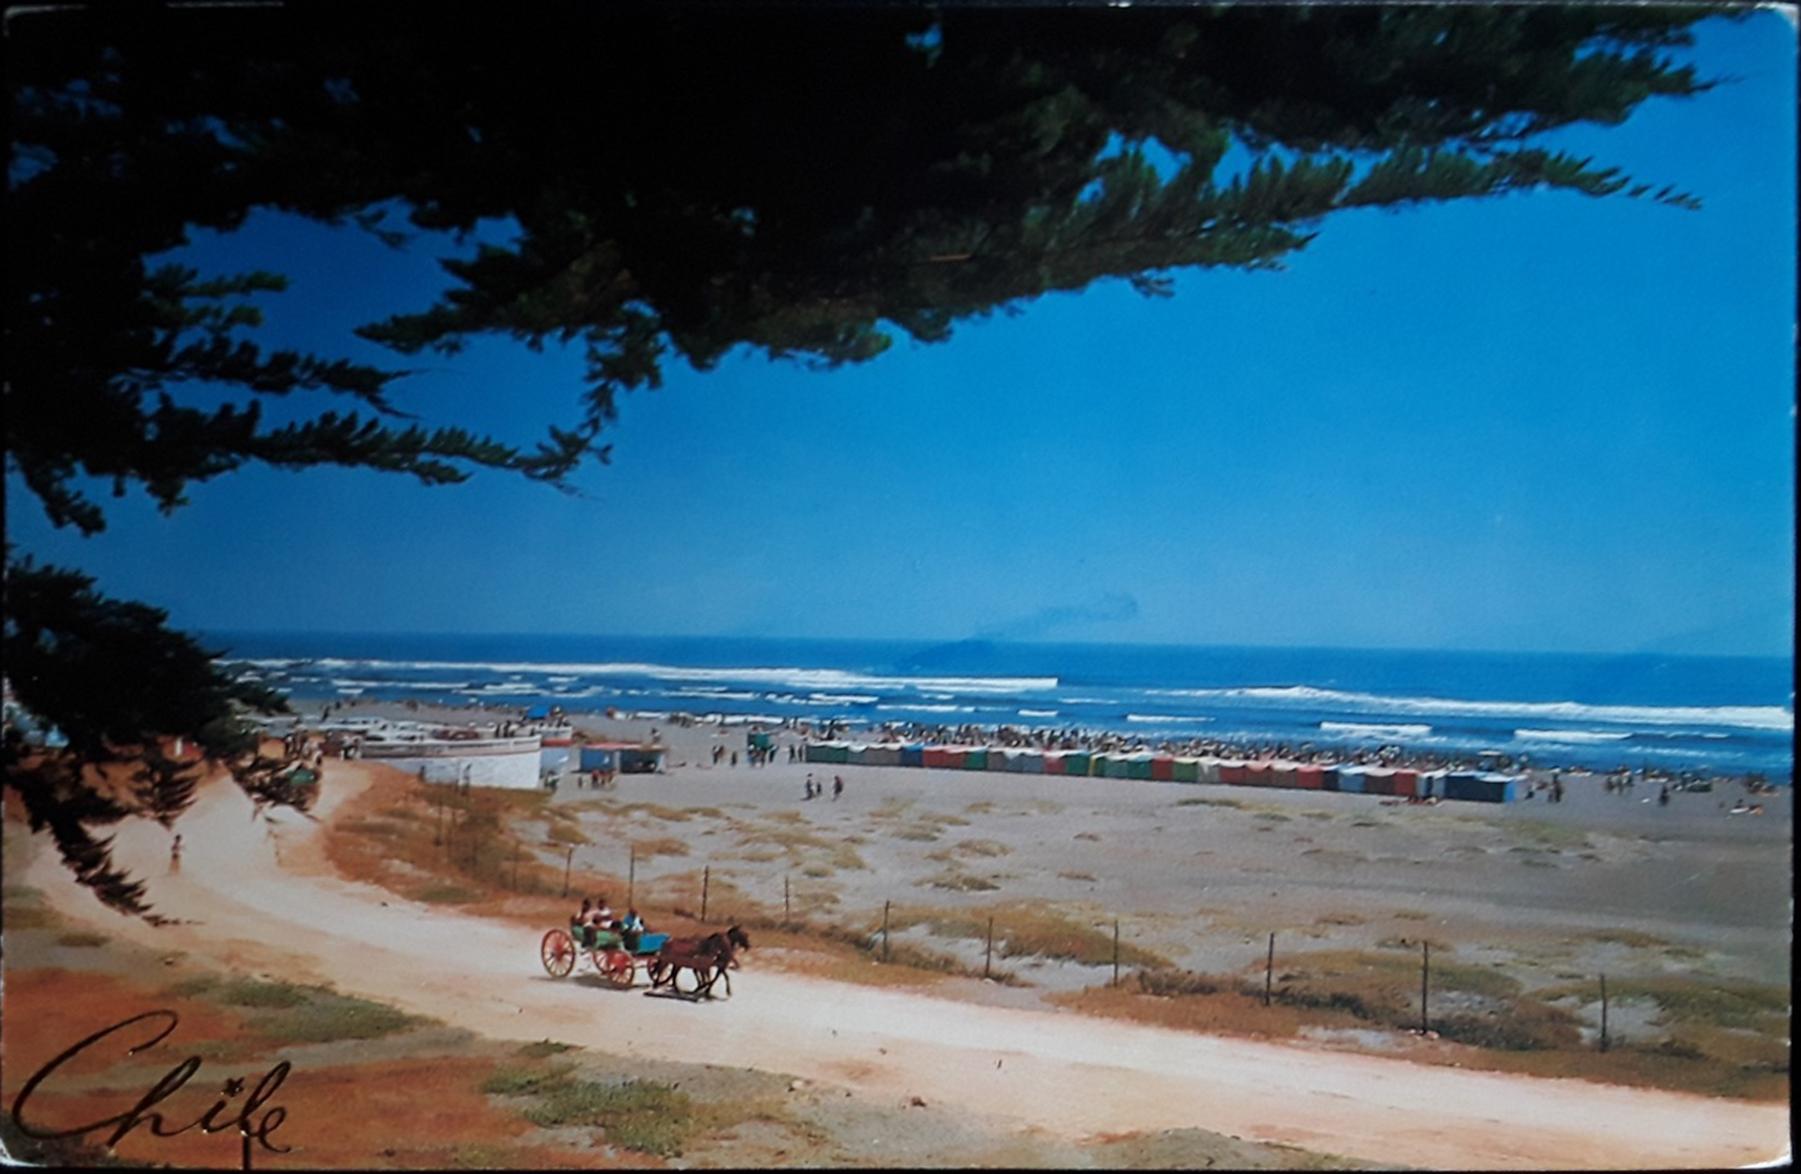 Enterreno - Fotos históricas de chile - fotos antiguas de Chile - Playa de Pichilemu en 1970